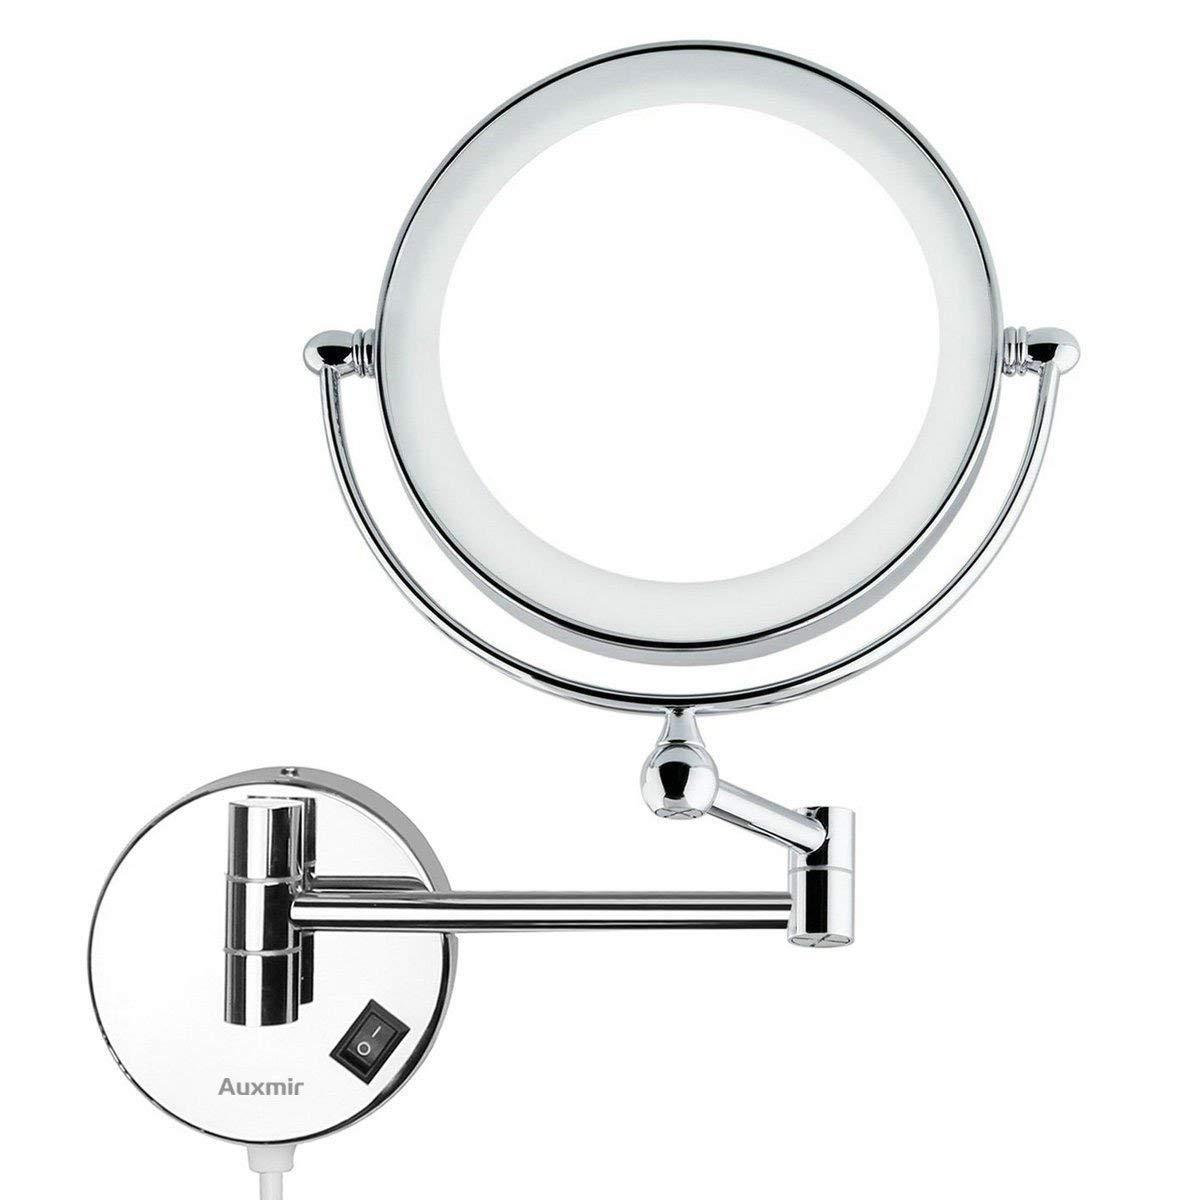 Auxmir Kosmetikspiegel mit LED Beleuchtung und 1-  5-facher Vergrößerung aus Kristallglas, Edelstahl und Messing für Badezimmer, Kosmetikstudio, Spa und Hotel